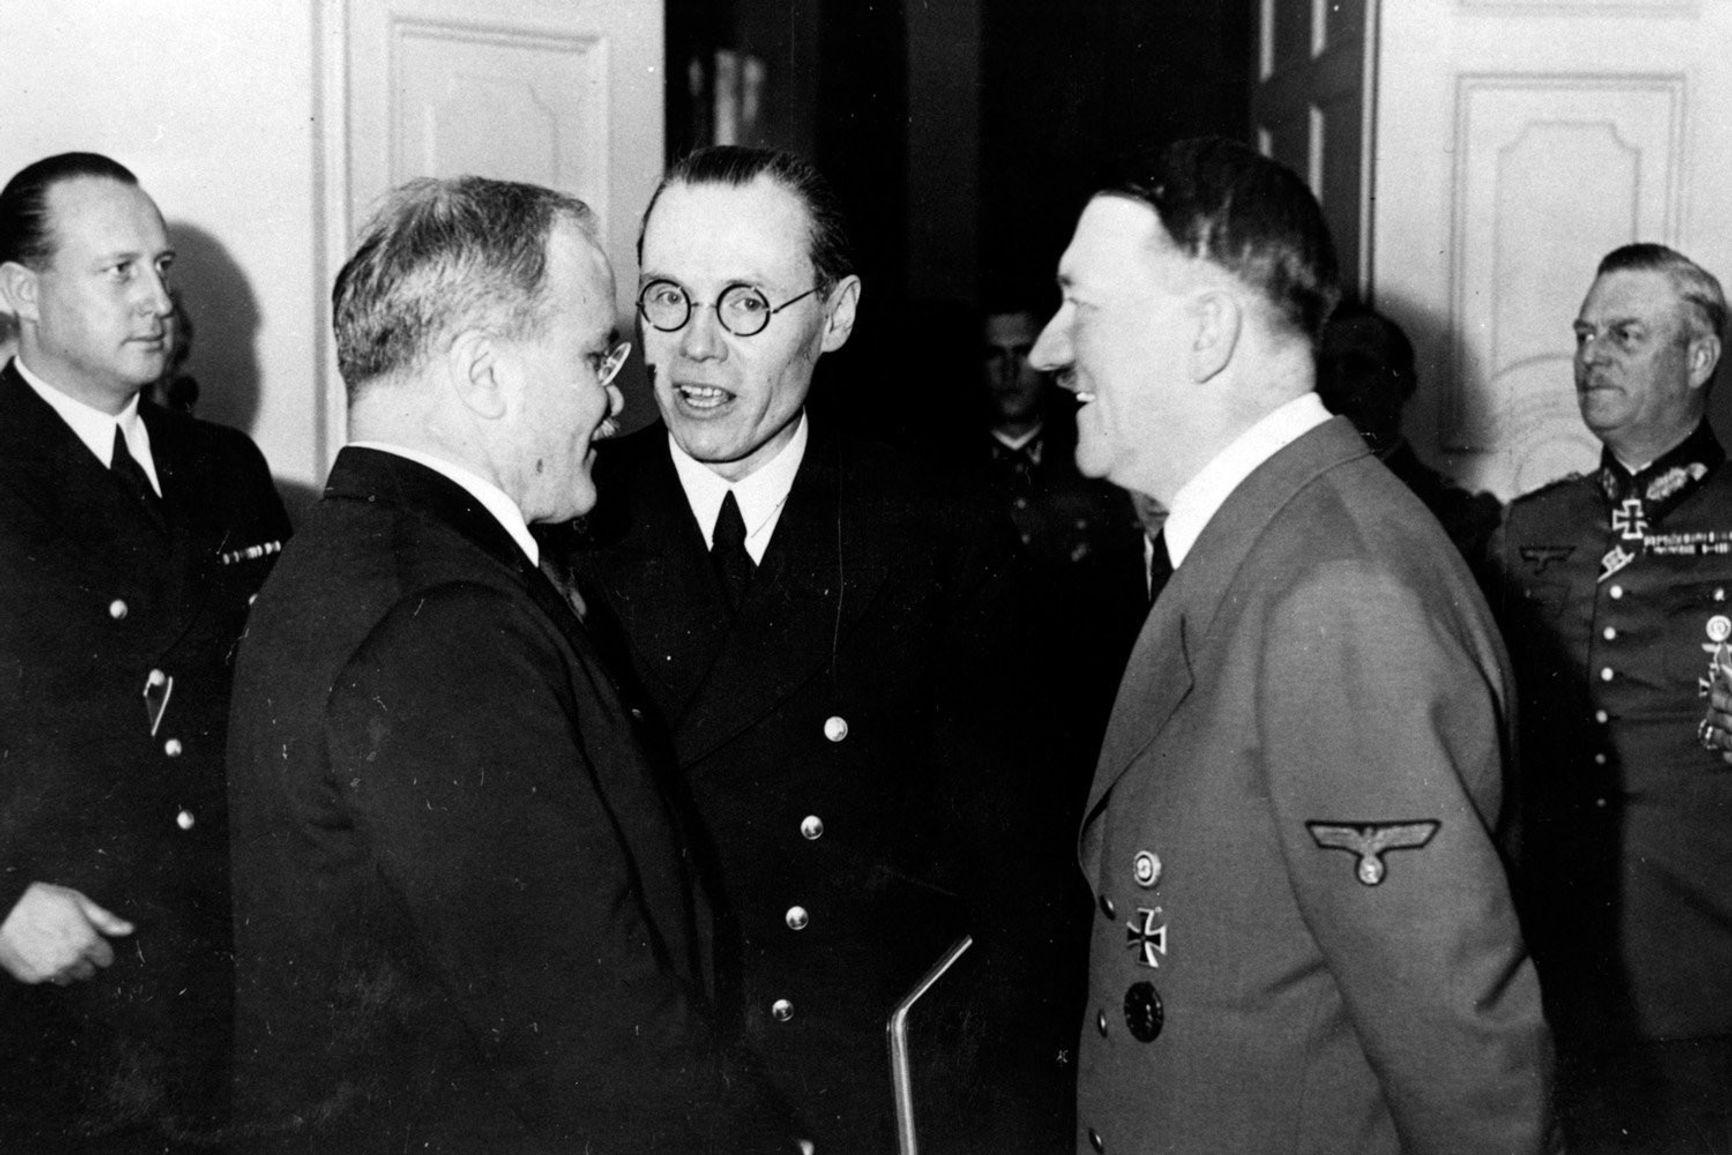 Вячеслав Молотов на приеме у Адольфа Гитлера в рейхсканцелярии. Берлин, 13 ноября 1940 года